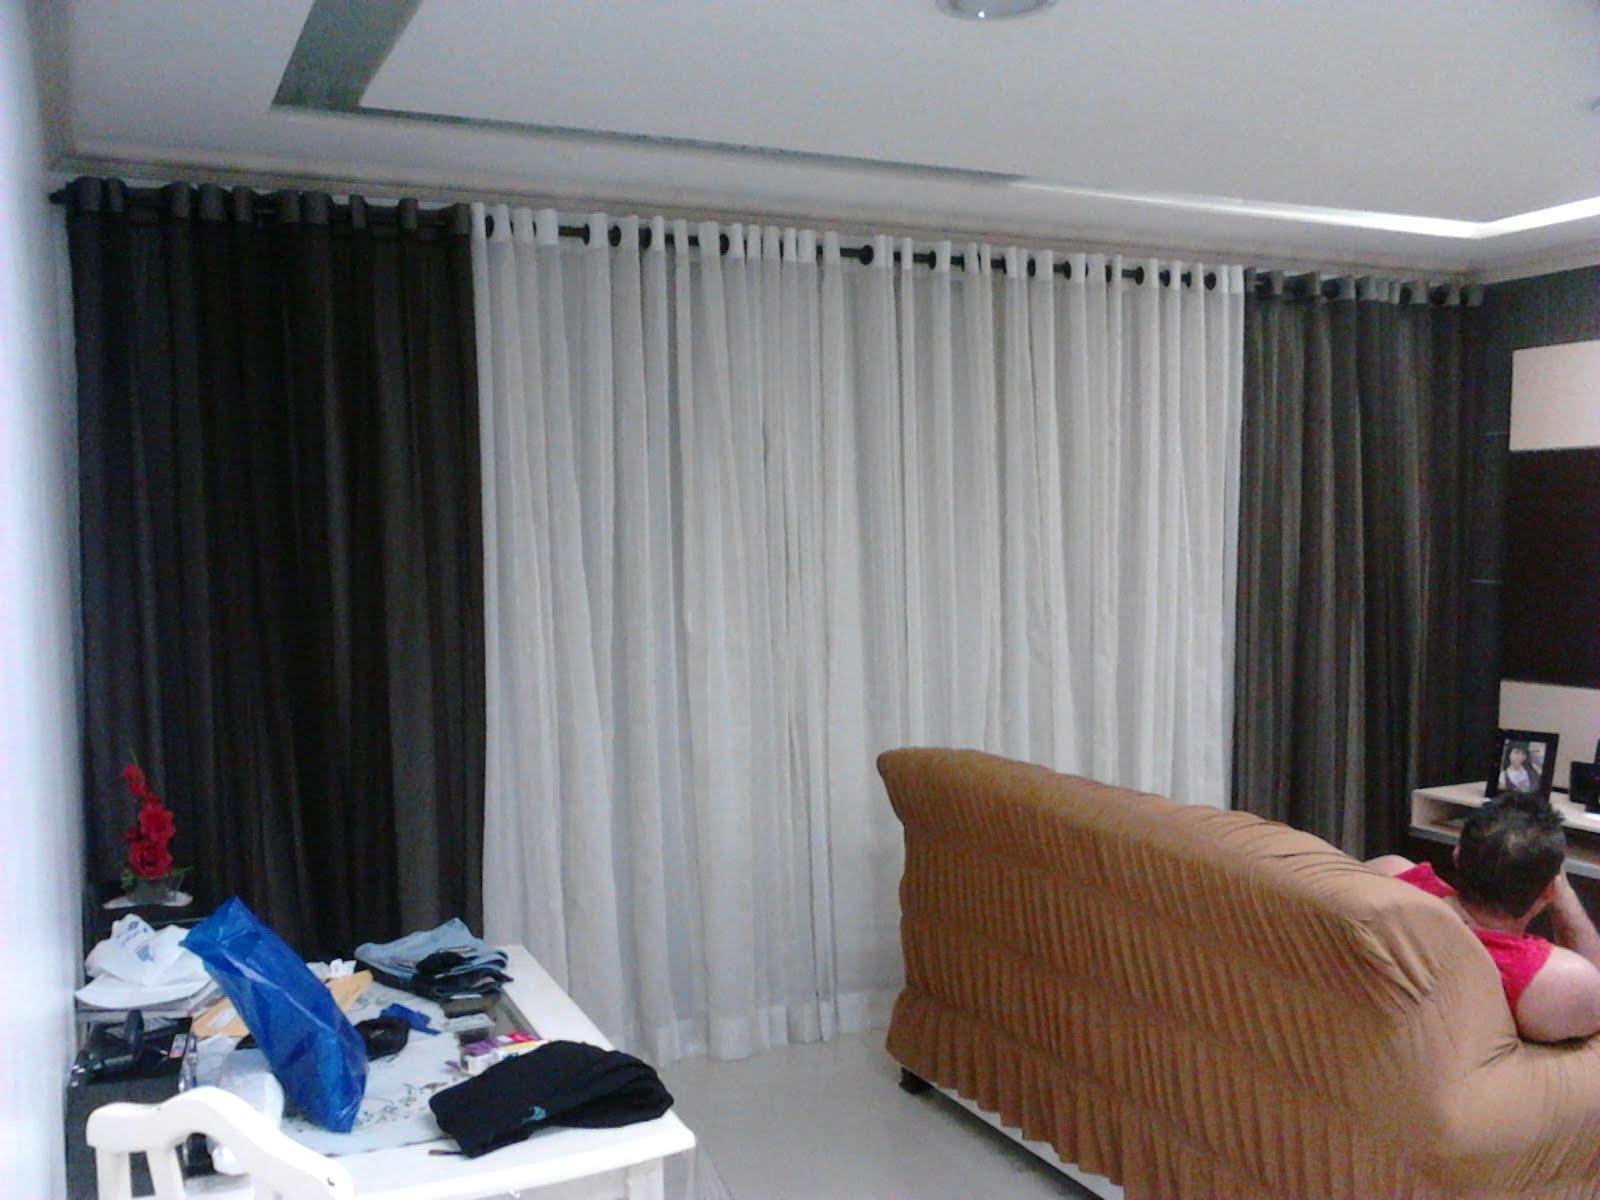 #24467D Suely Cortinas: Sala de Estar ao pôr do sol 1600x1200 píxeis em Cortinas Chiques Para Sala De Estar